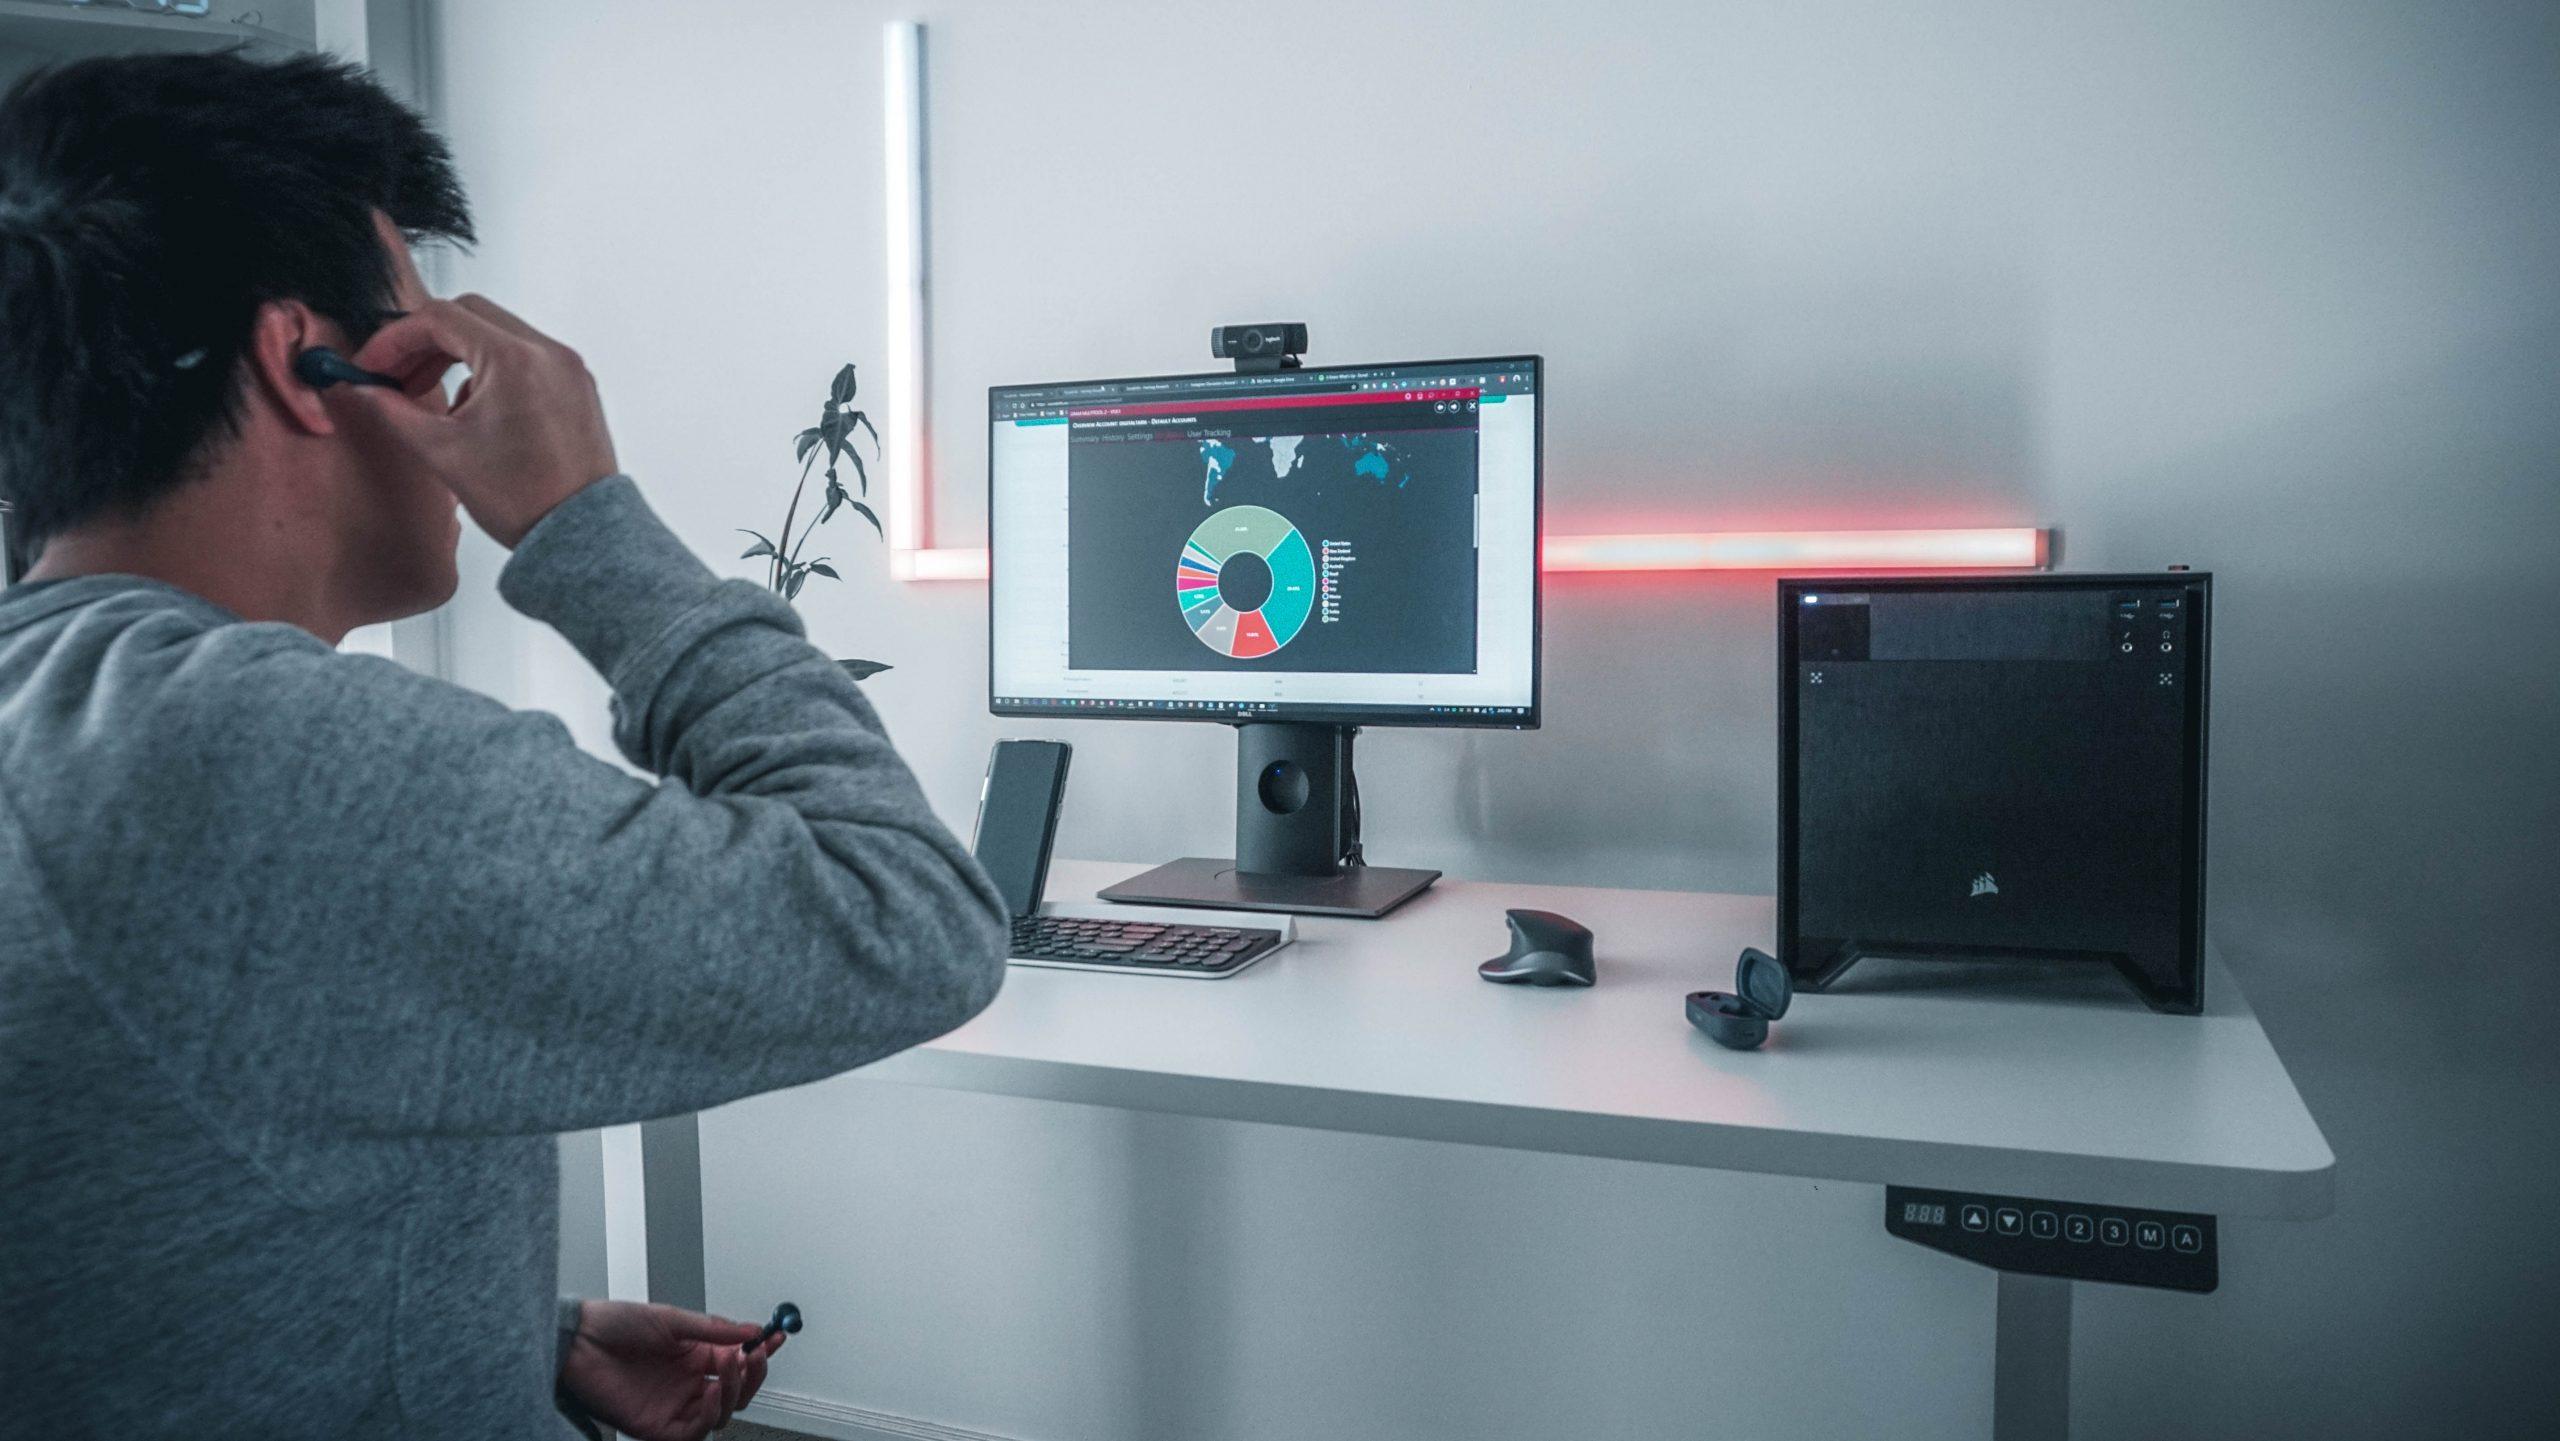 Imagem mostra um homem, sentado em frente à um escrivaninha com uma CPU e um monitor, colocando na orelha fones de ouvido sem fio.